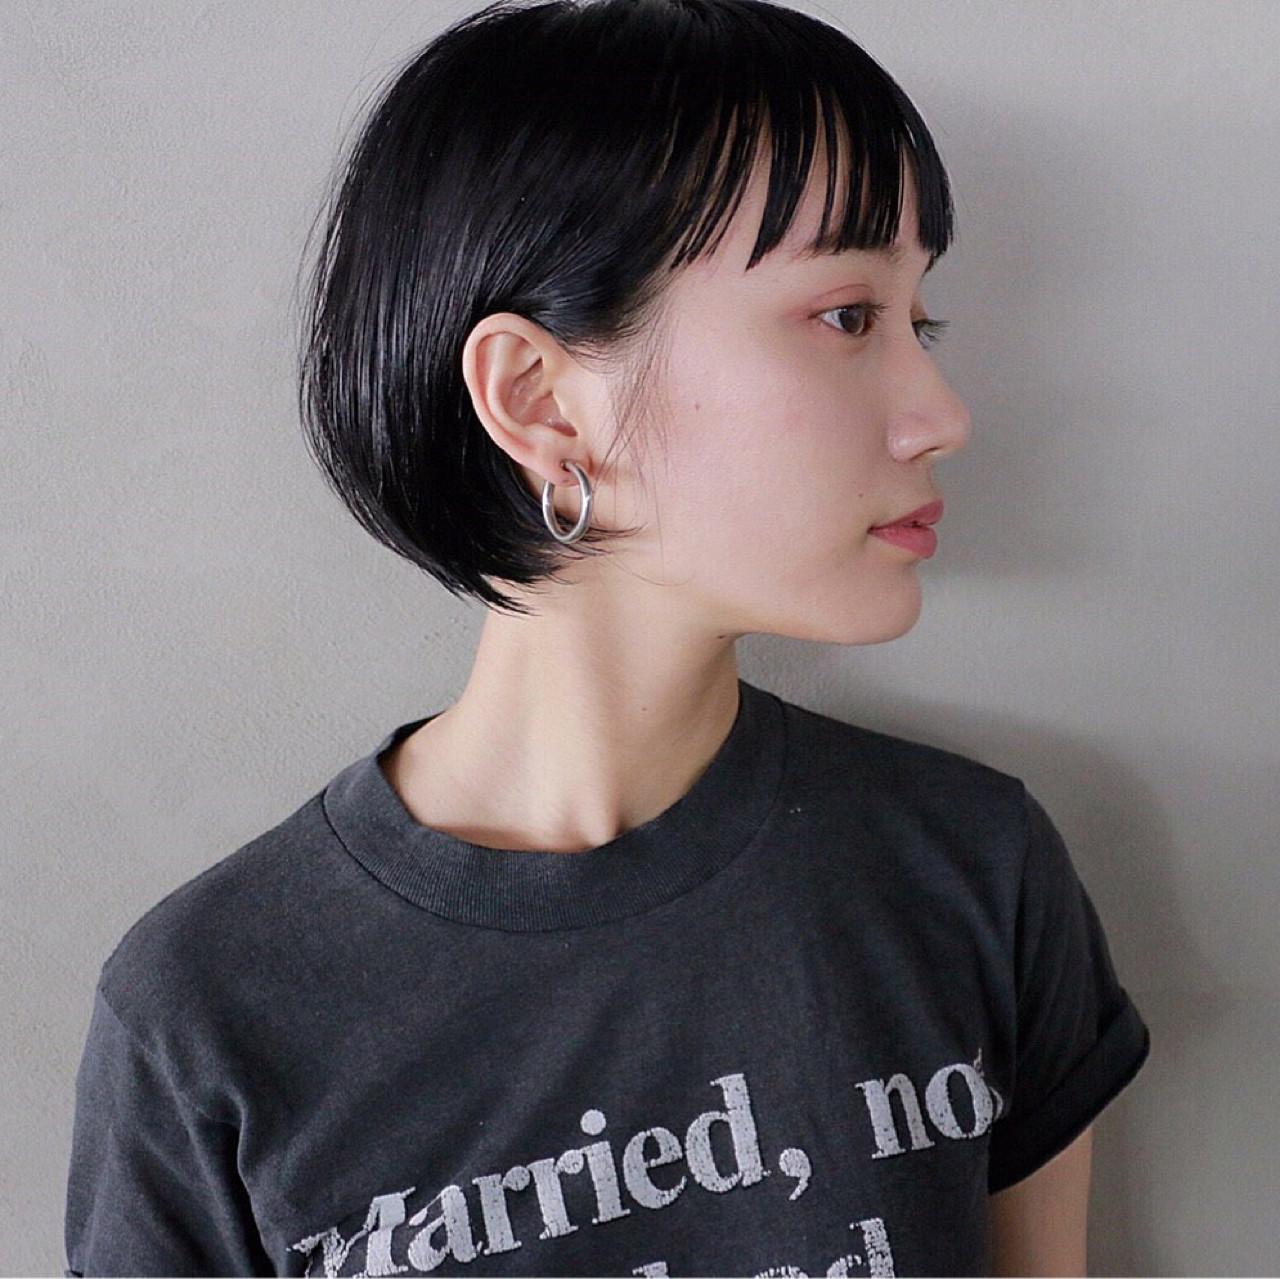 黒髪ショートの清楚さが人気。愛されヘアスタイルをつくろう  高橋 忍